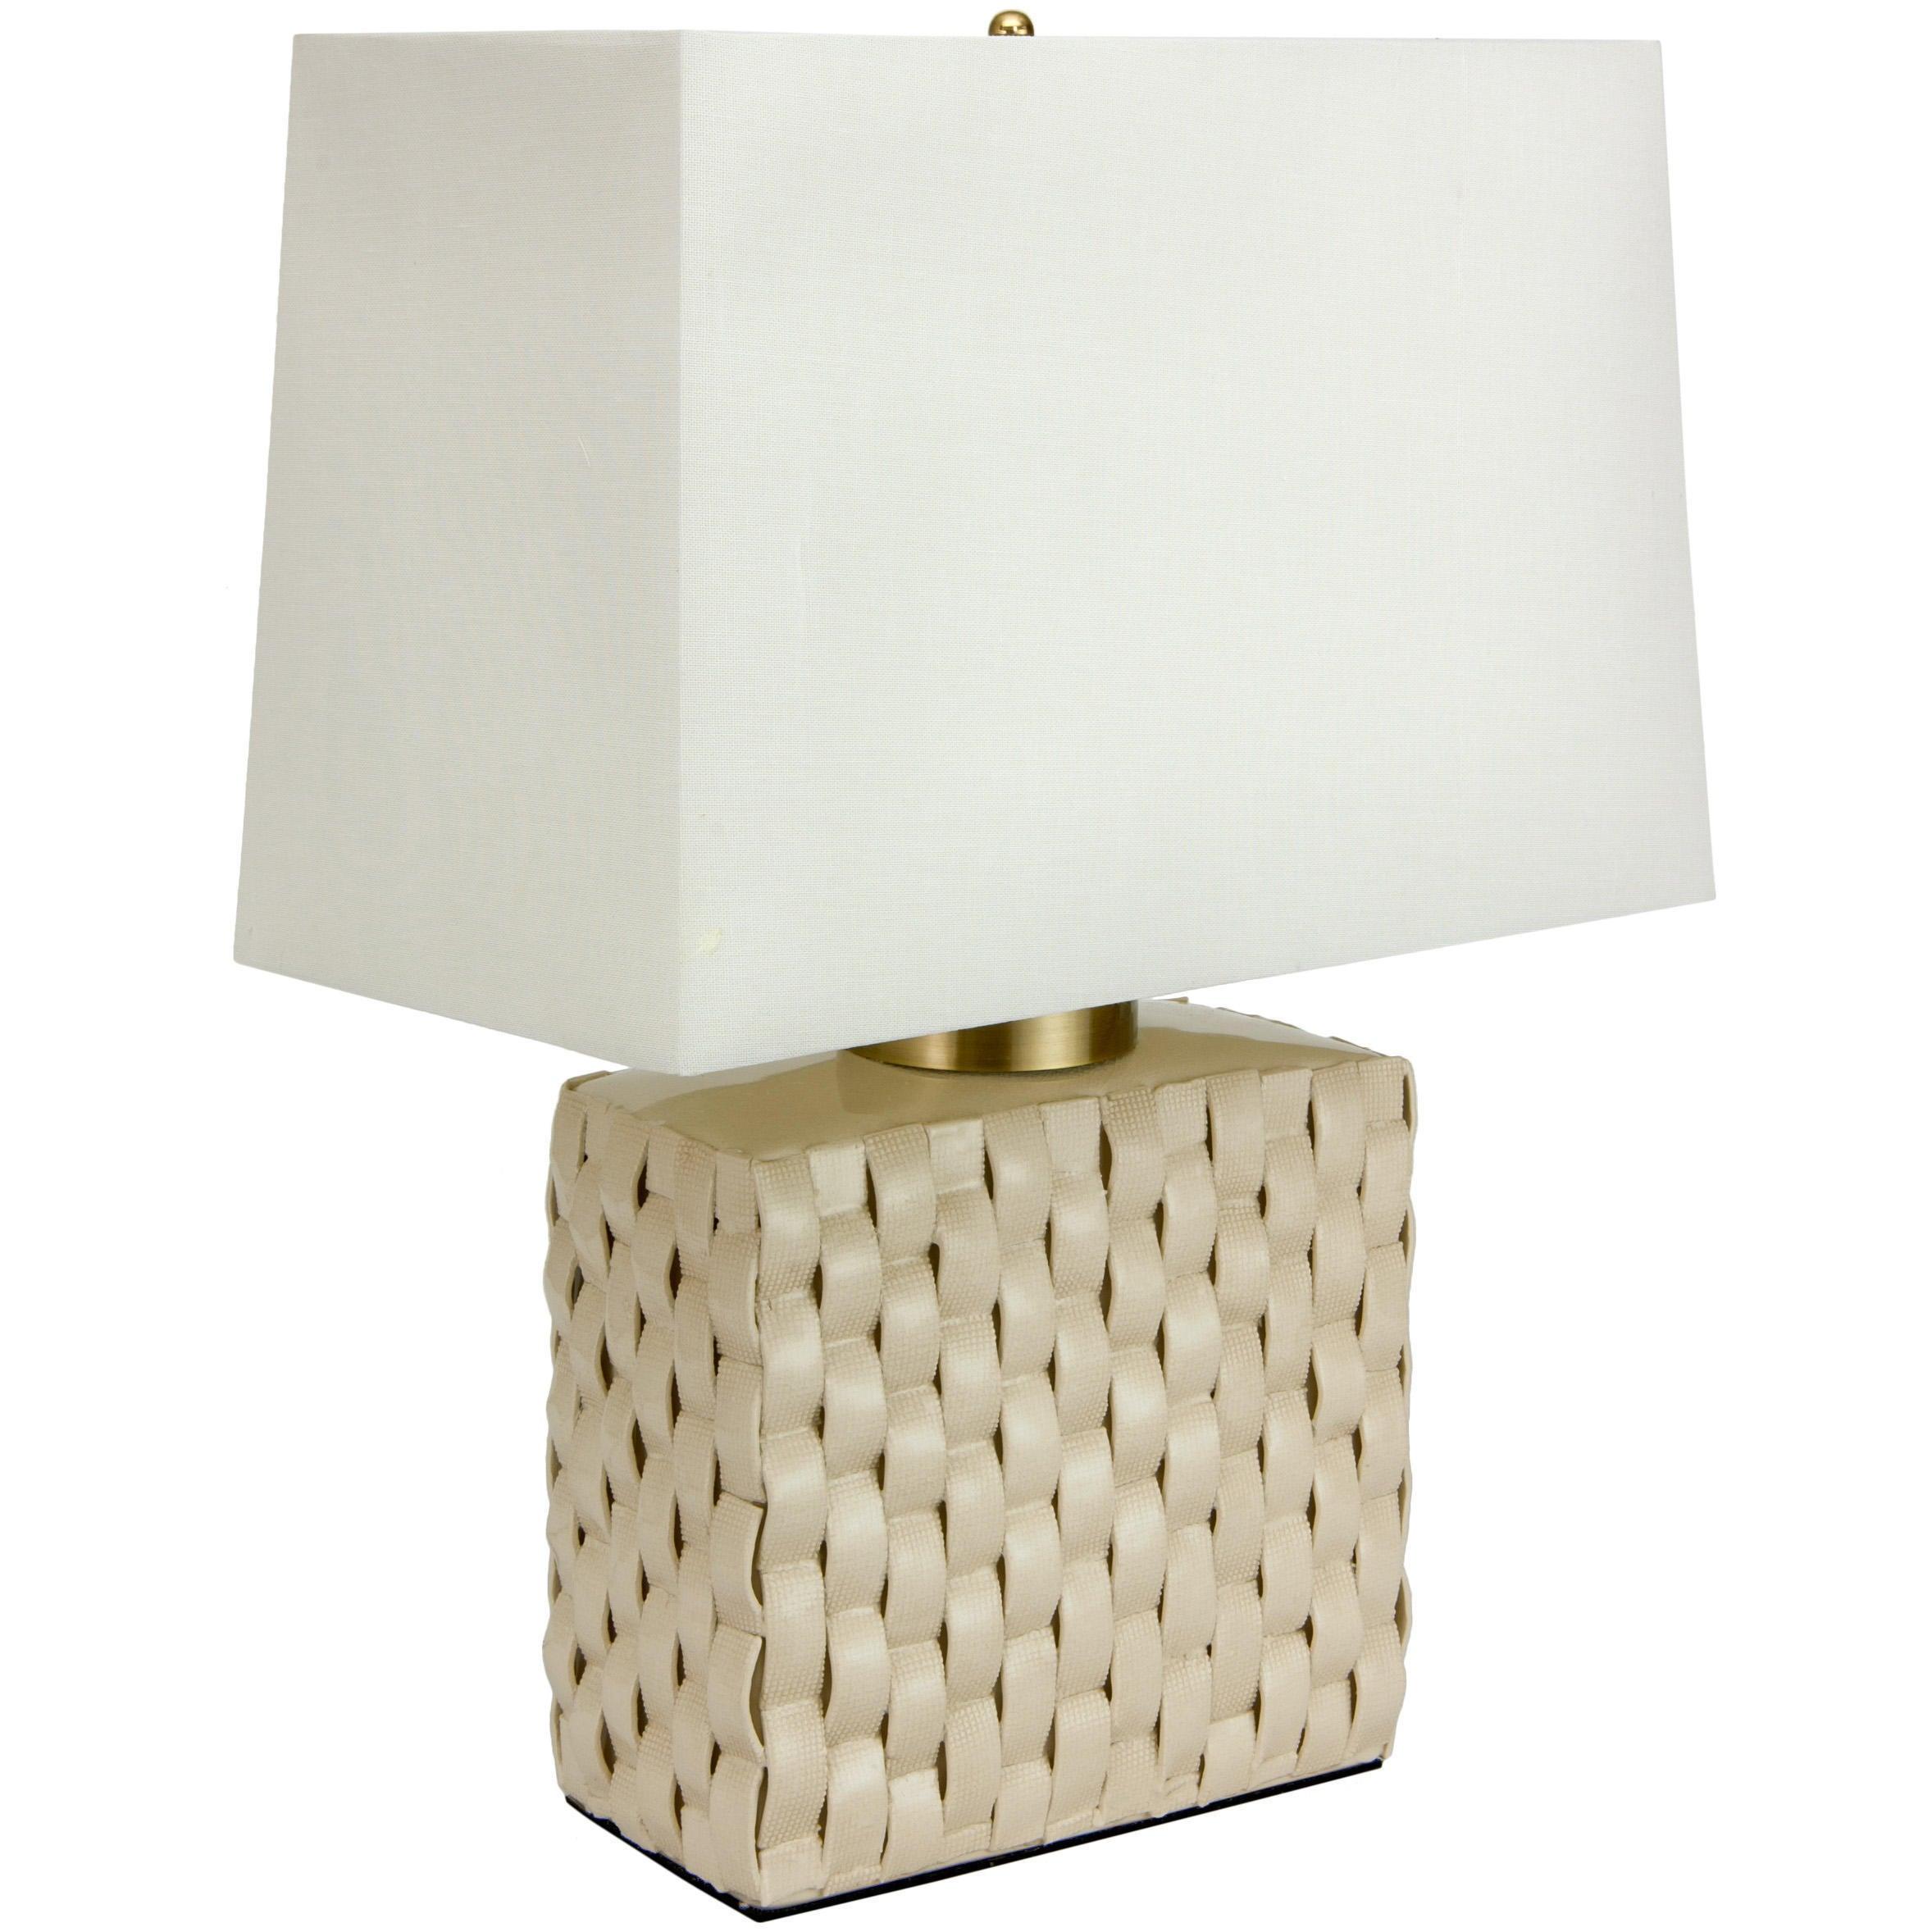 Overstock.com 23-inch Basket Weave Cream Porcelain Jar Lamp (China)